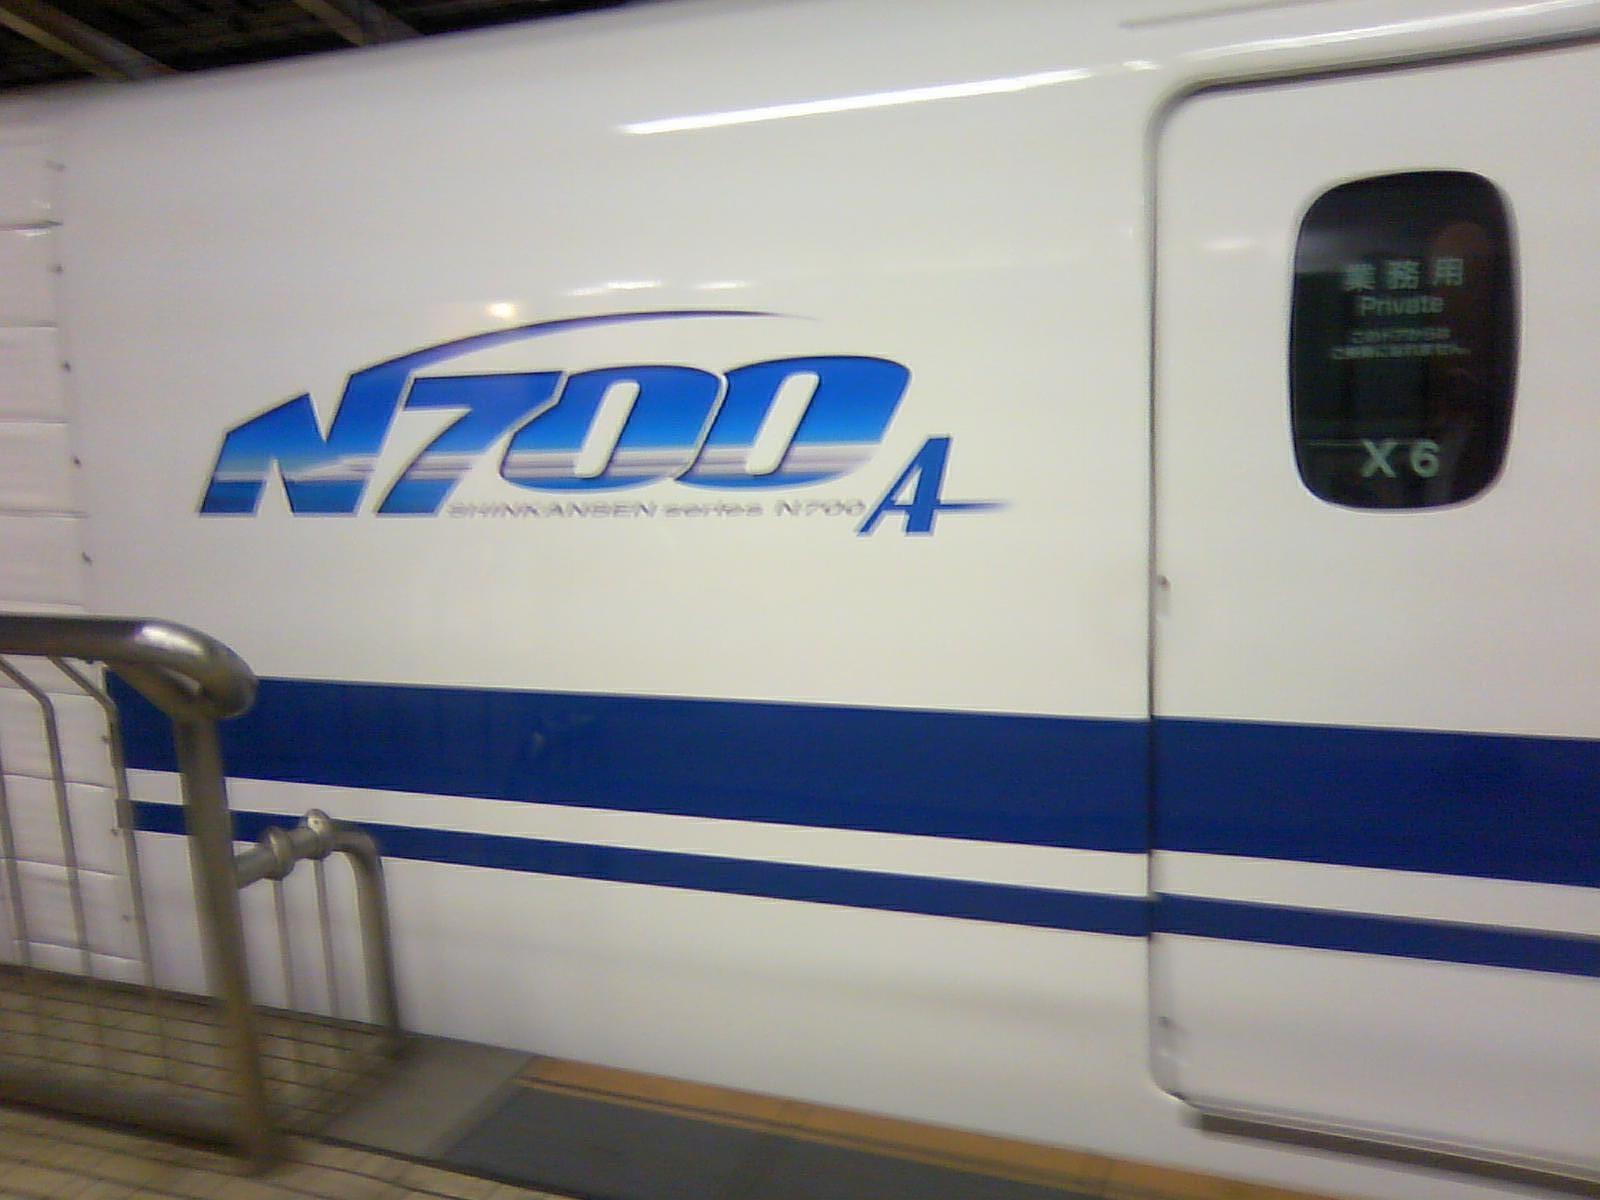 新幹線N700系ロゴ